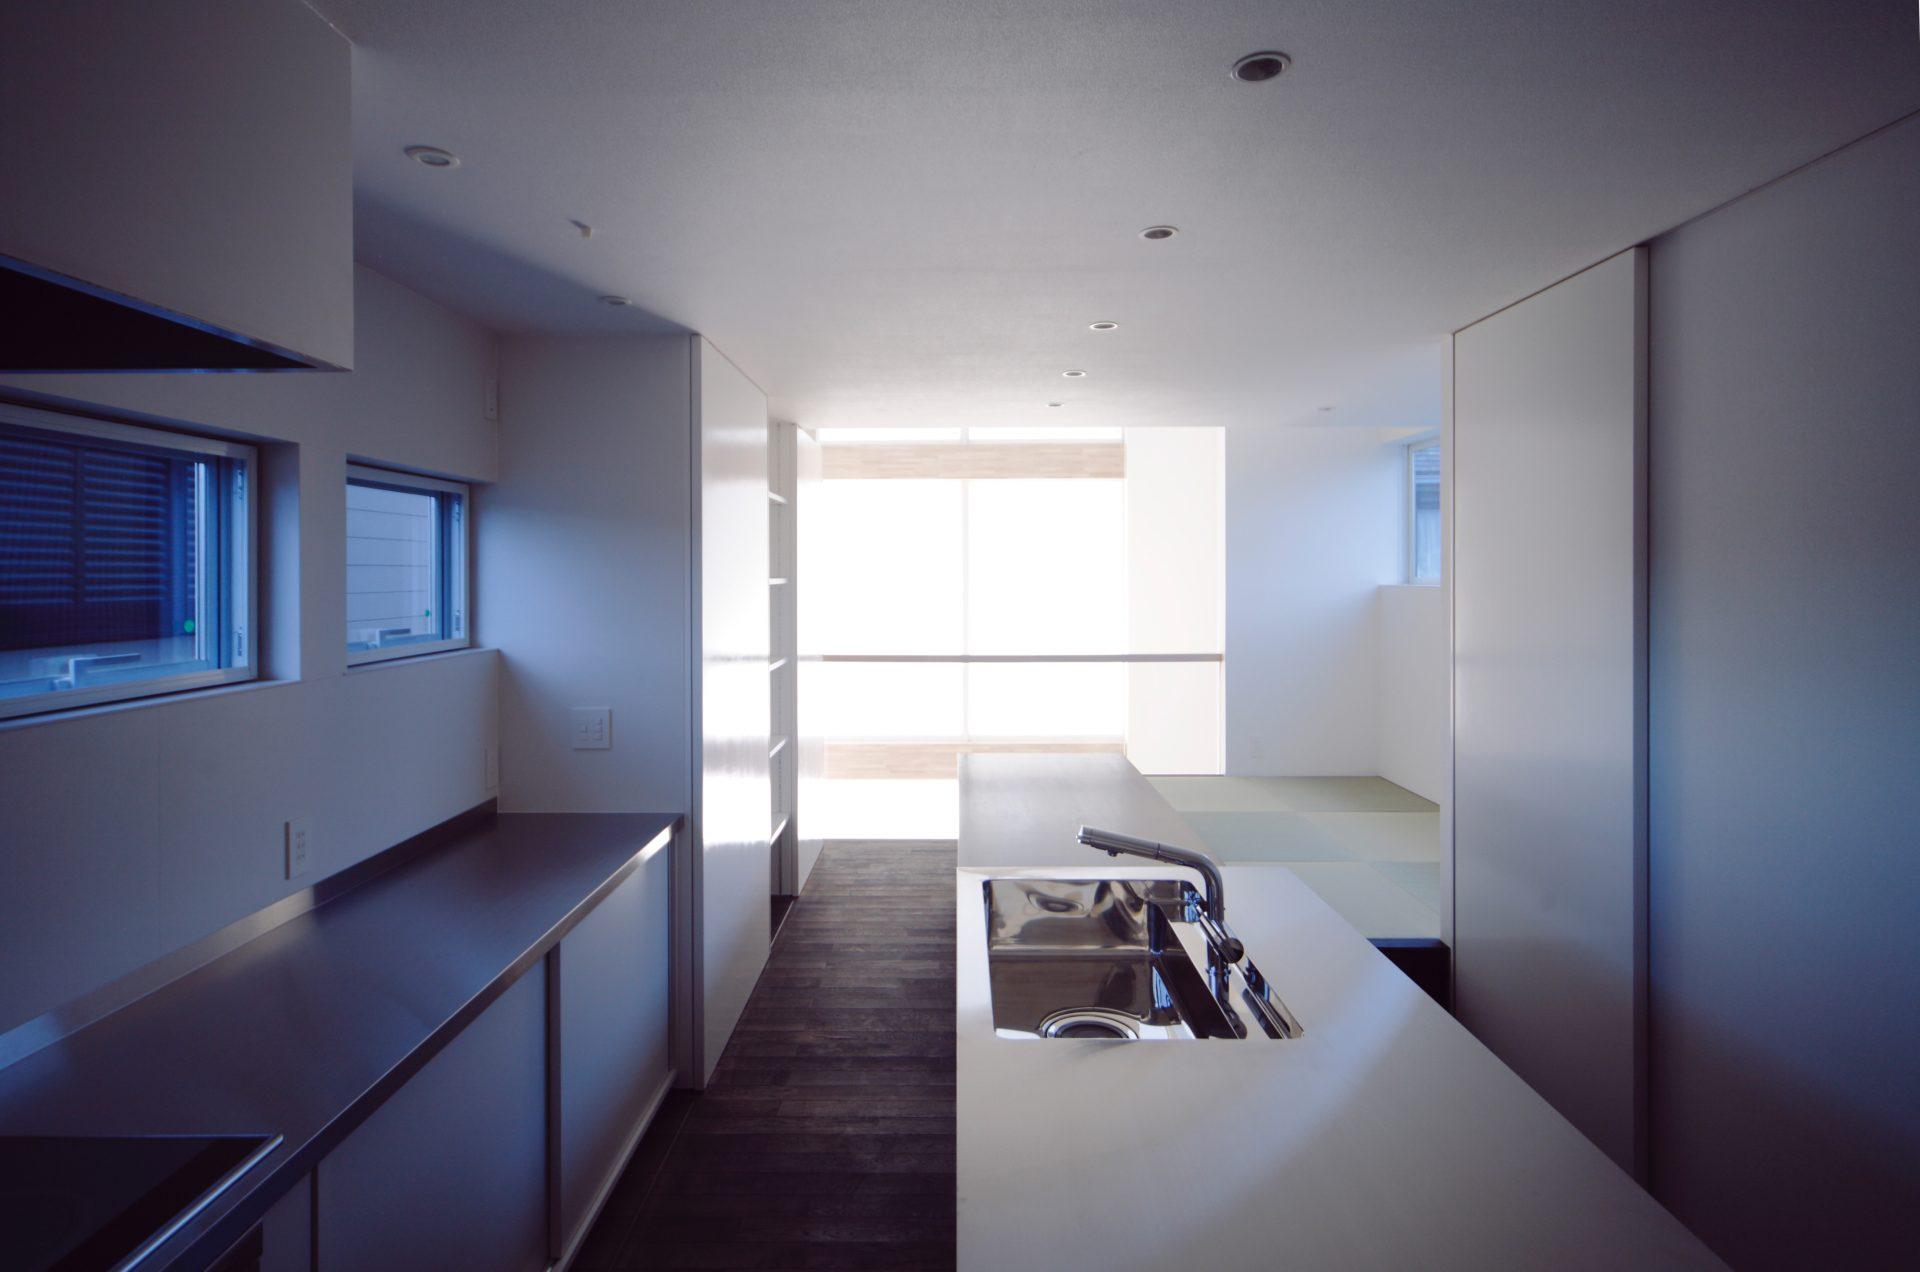 三重伊賀の家のダイニングキッチン